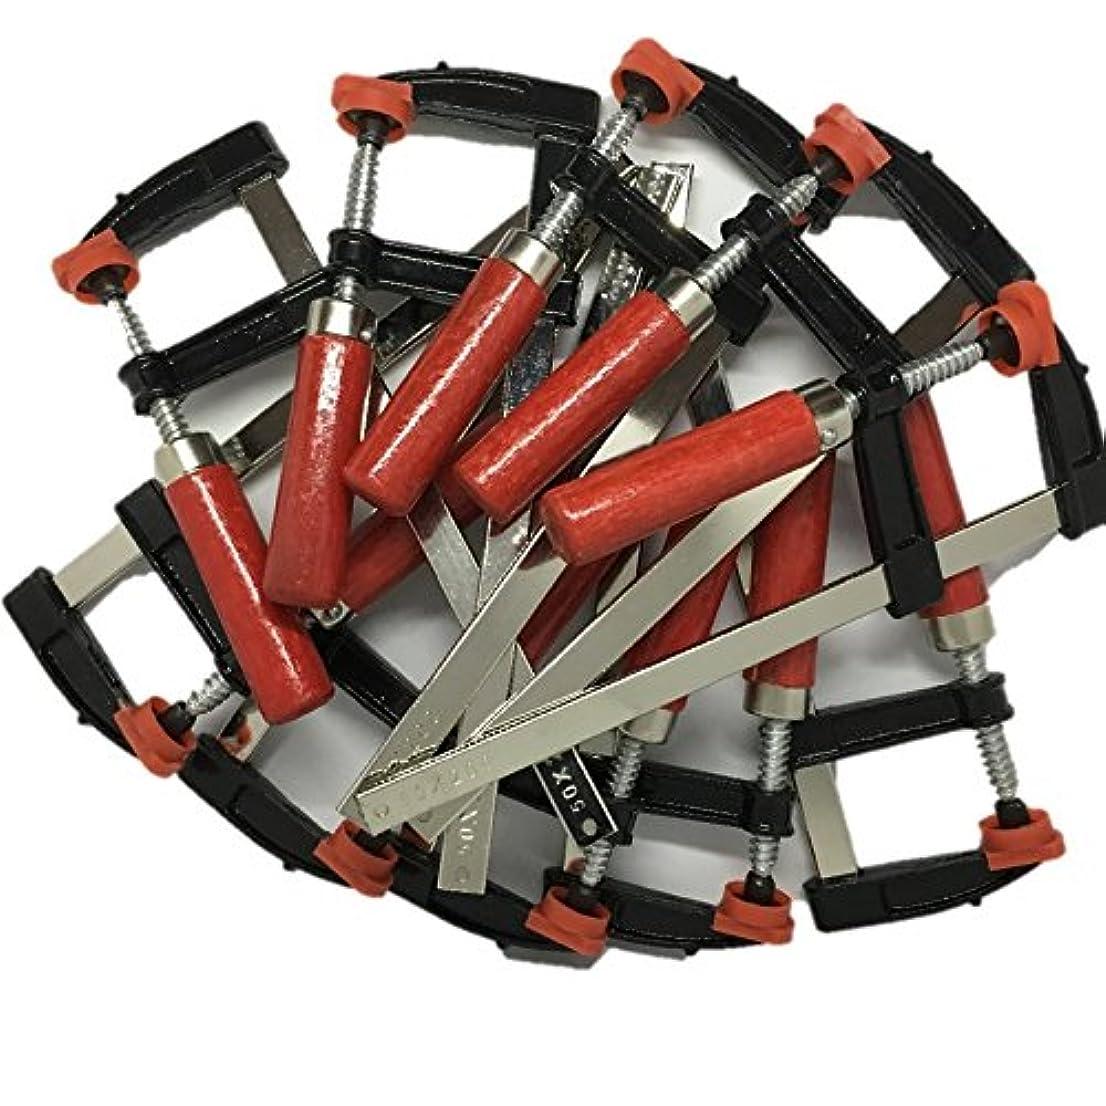 口述する明示的にグレートバリアリーフF型 クランプ 10本 セット 50mm × 200mm 強力 固定 工具 木材 工作 木工 溶接 作業 用 DIY ハタガネ